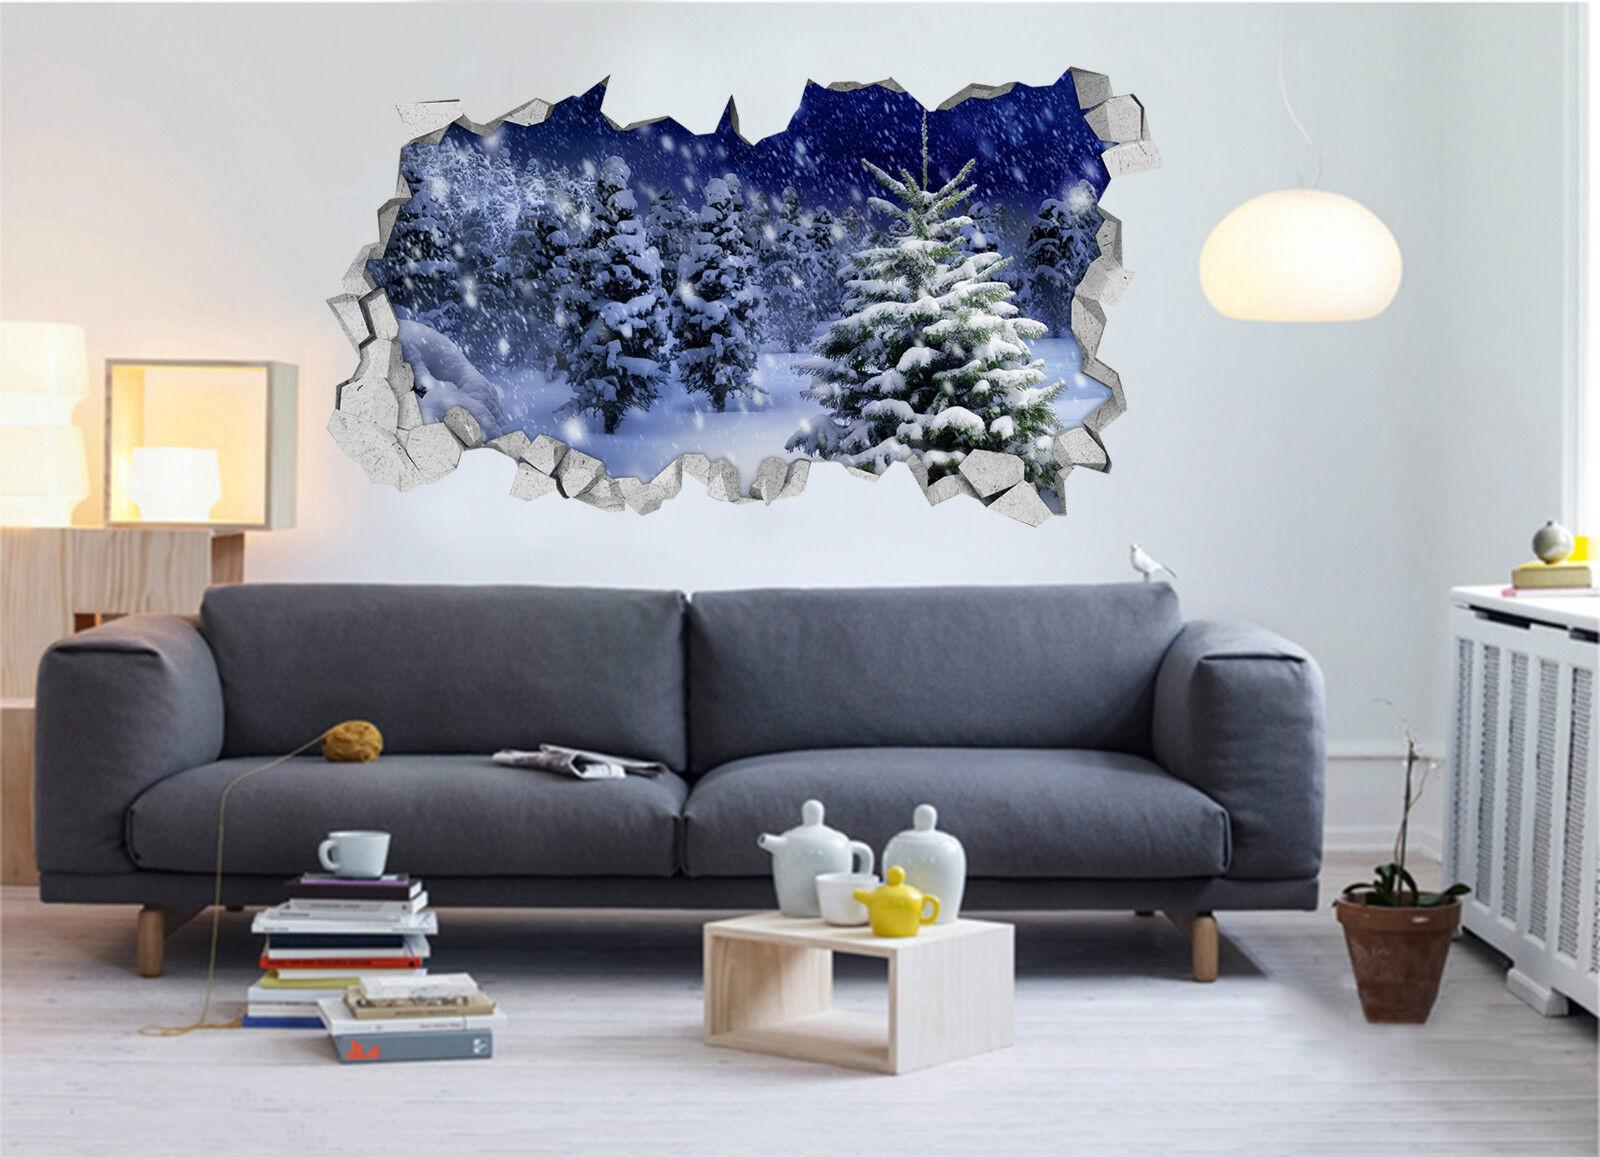 3D Schnee Kiefer 53 Mauer Murals Aufklebe Decal Durchbruch AJ WALLPAPER DE Lemon